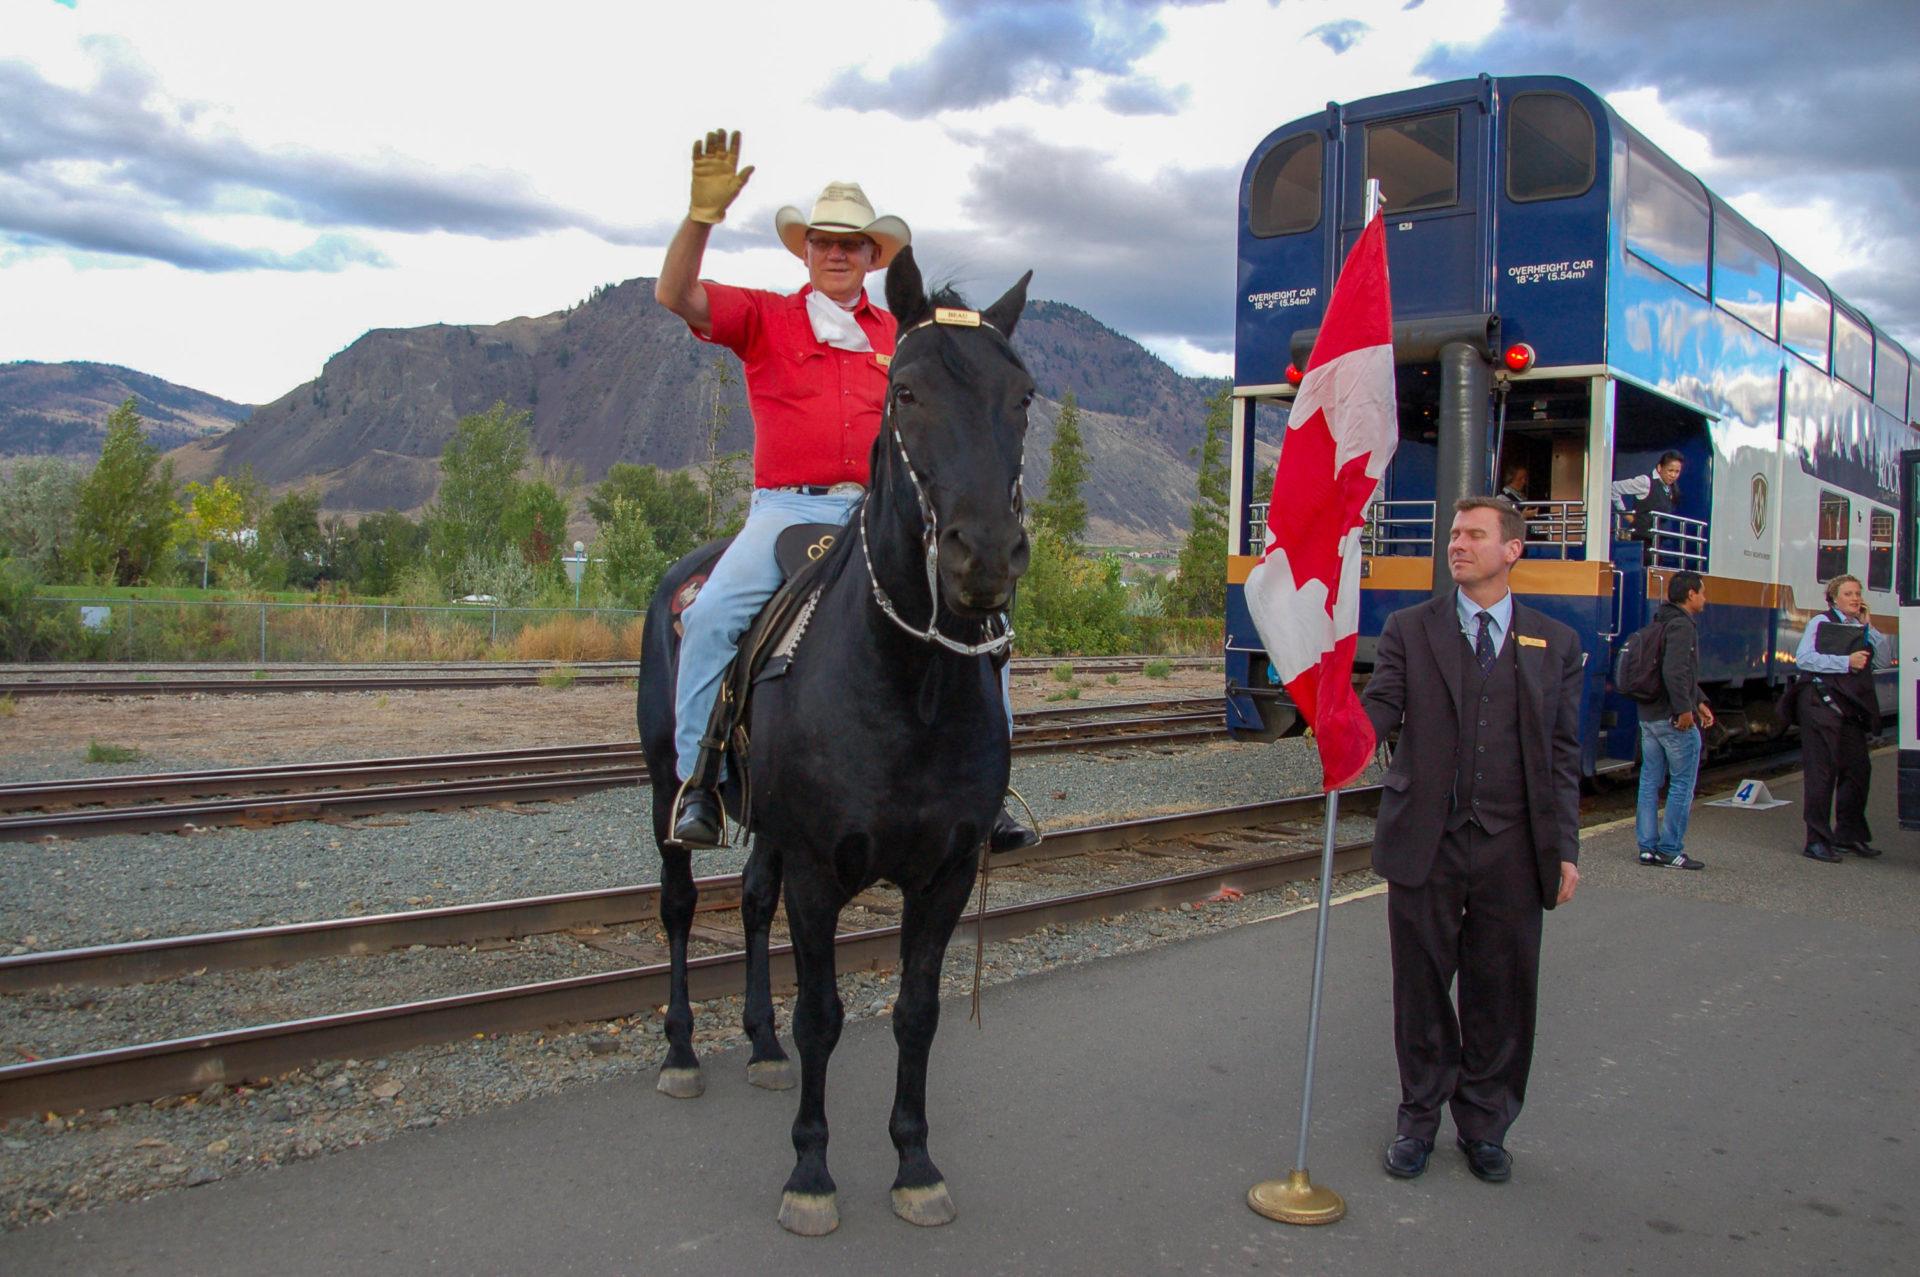 Ein Reiter berüßt die Passagiere des Rocky Mountaineer am Bahnsteig von Jasper in Alberta